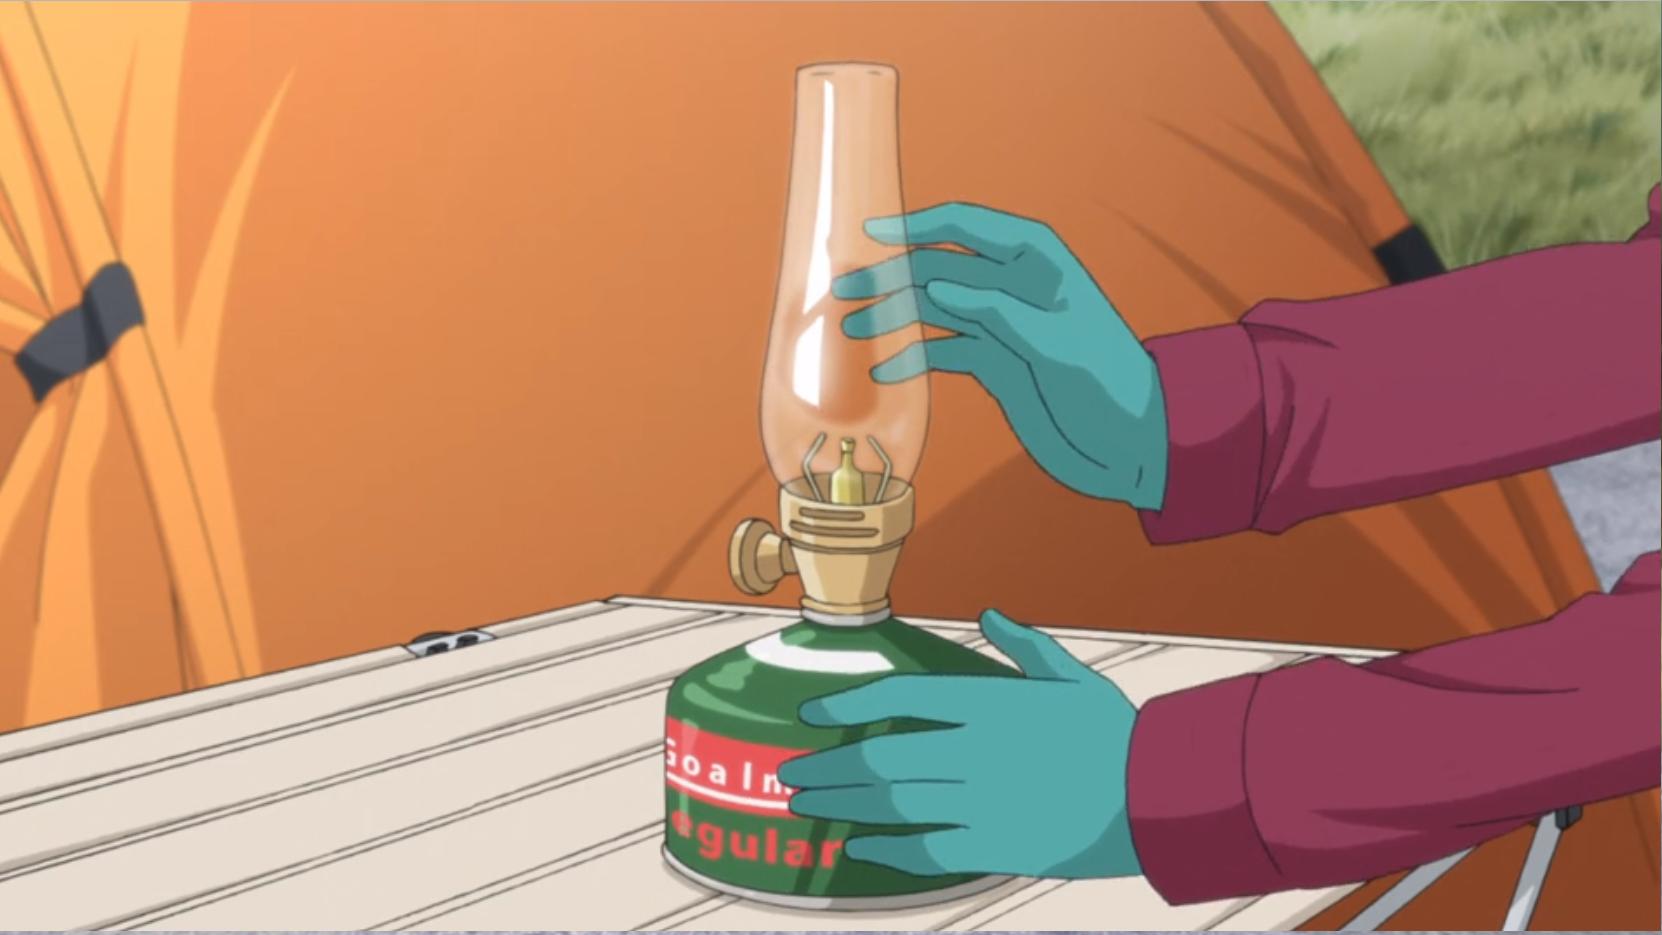 アニメ『ゆるキャン△』12話のなでしこのキャンプ用品ランプ